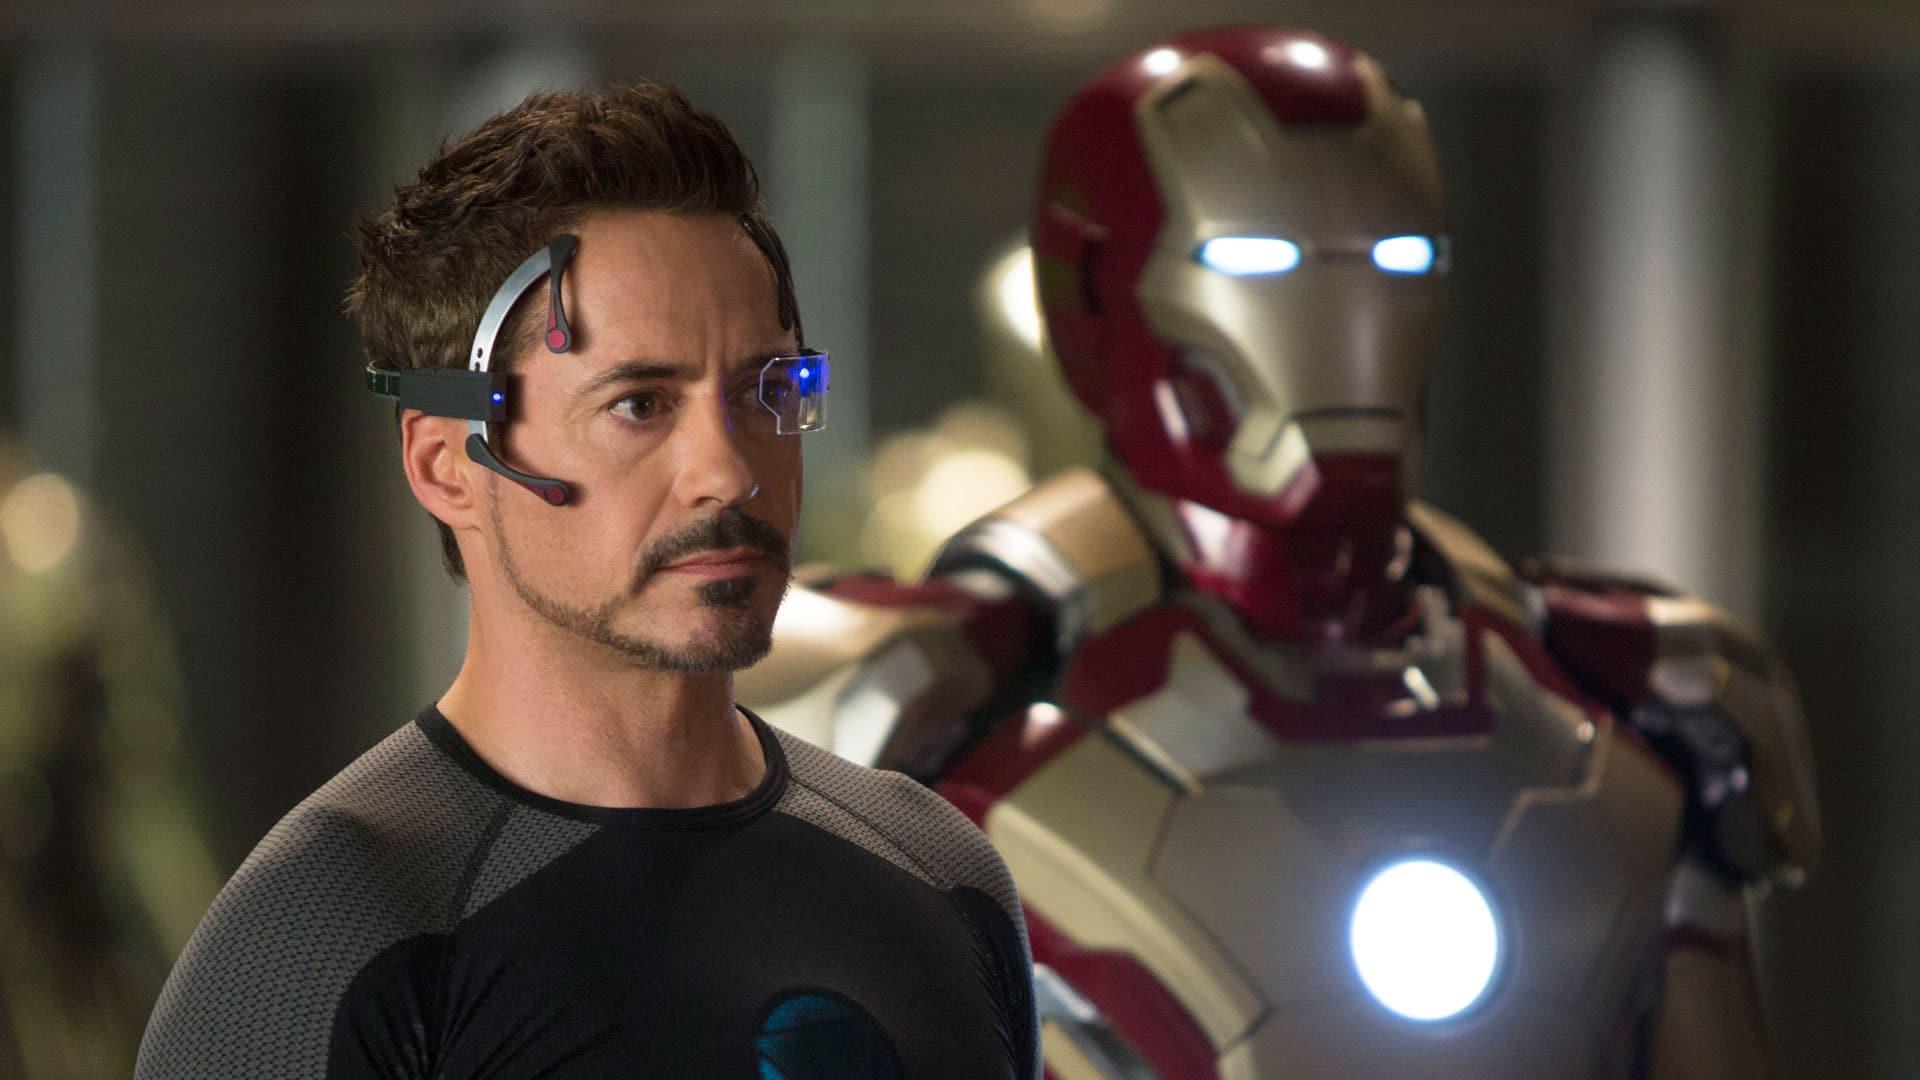 Tony Stark bol na konci filmu Iron Man 3 urobený celý pomocou CGI technológie!